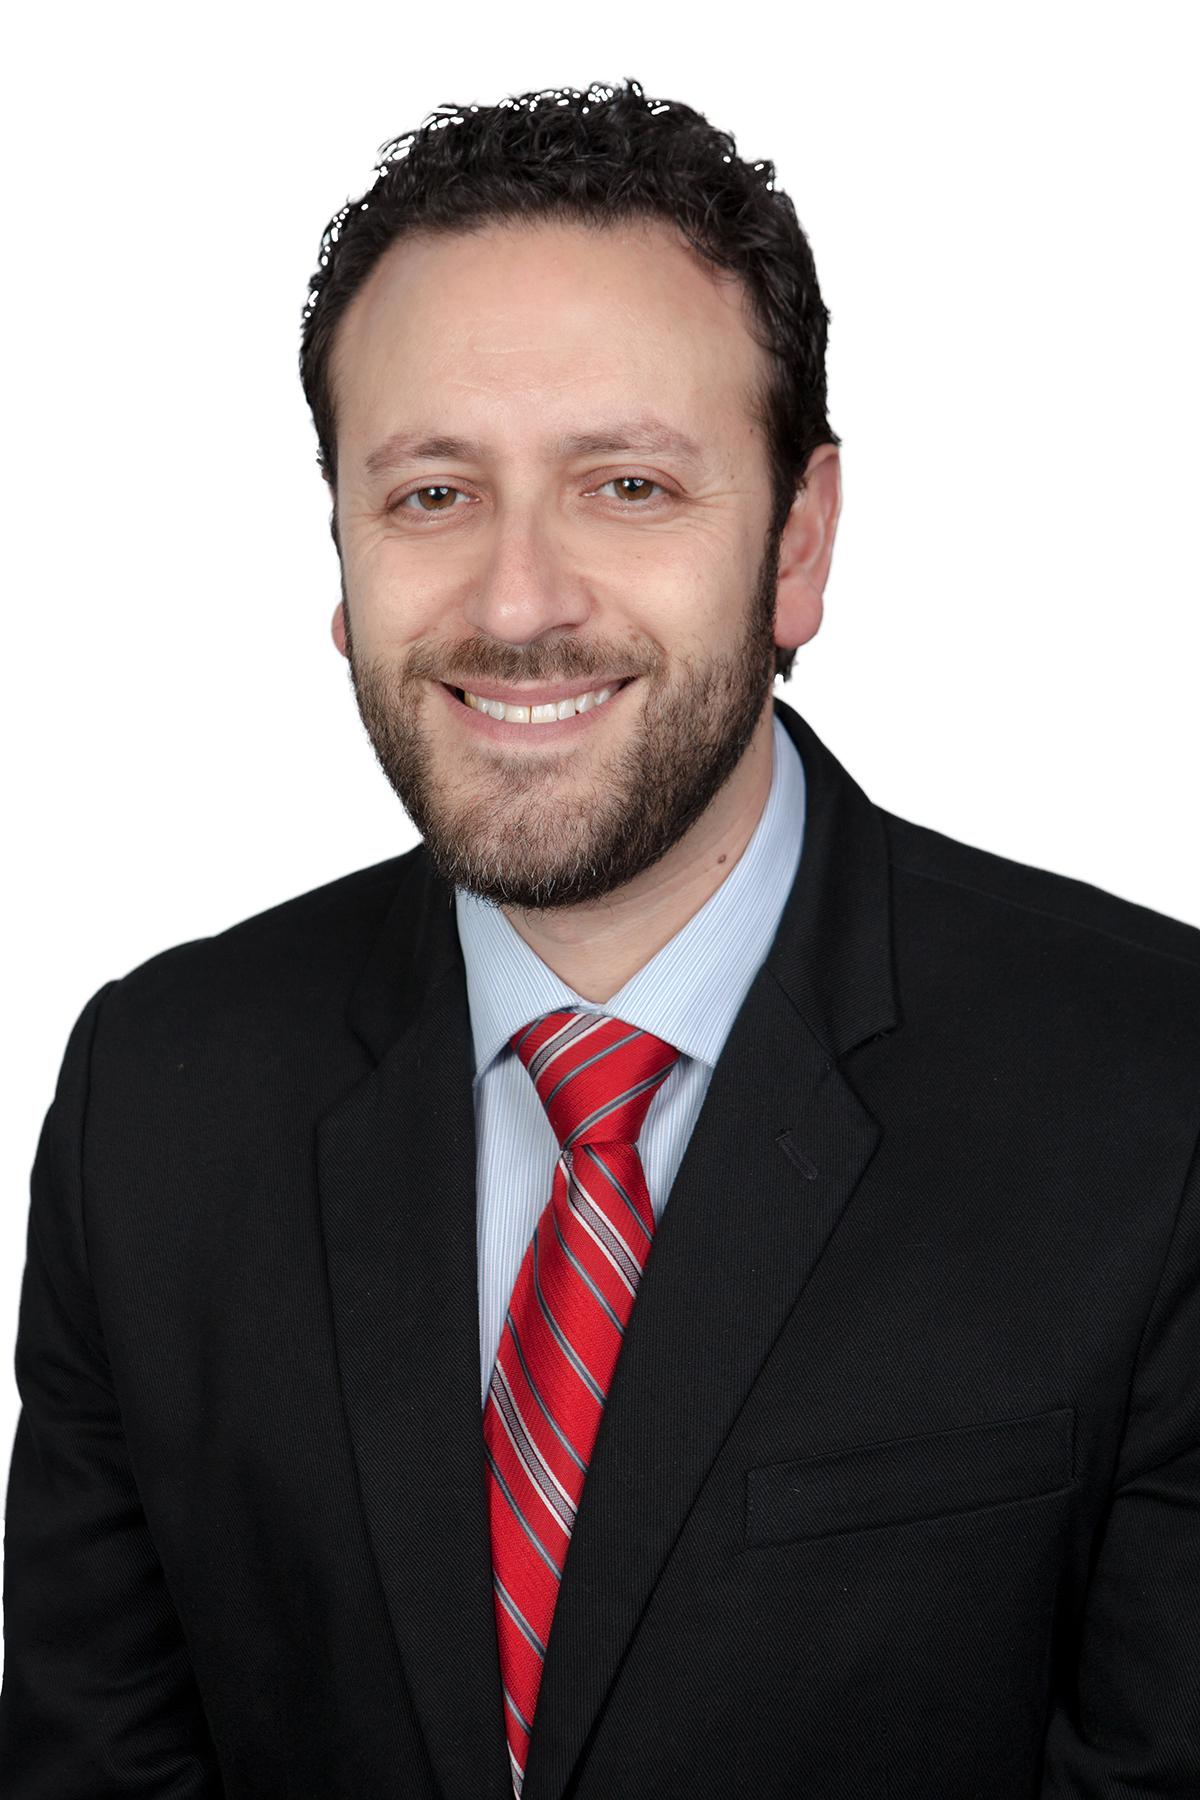 Mitch Kujavsky